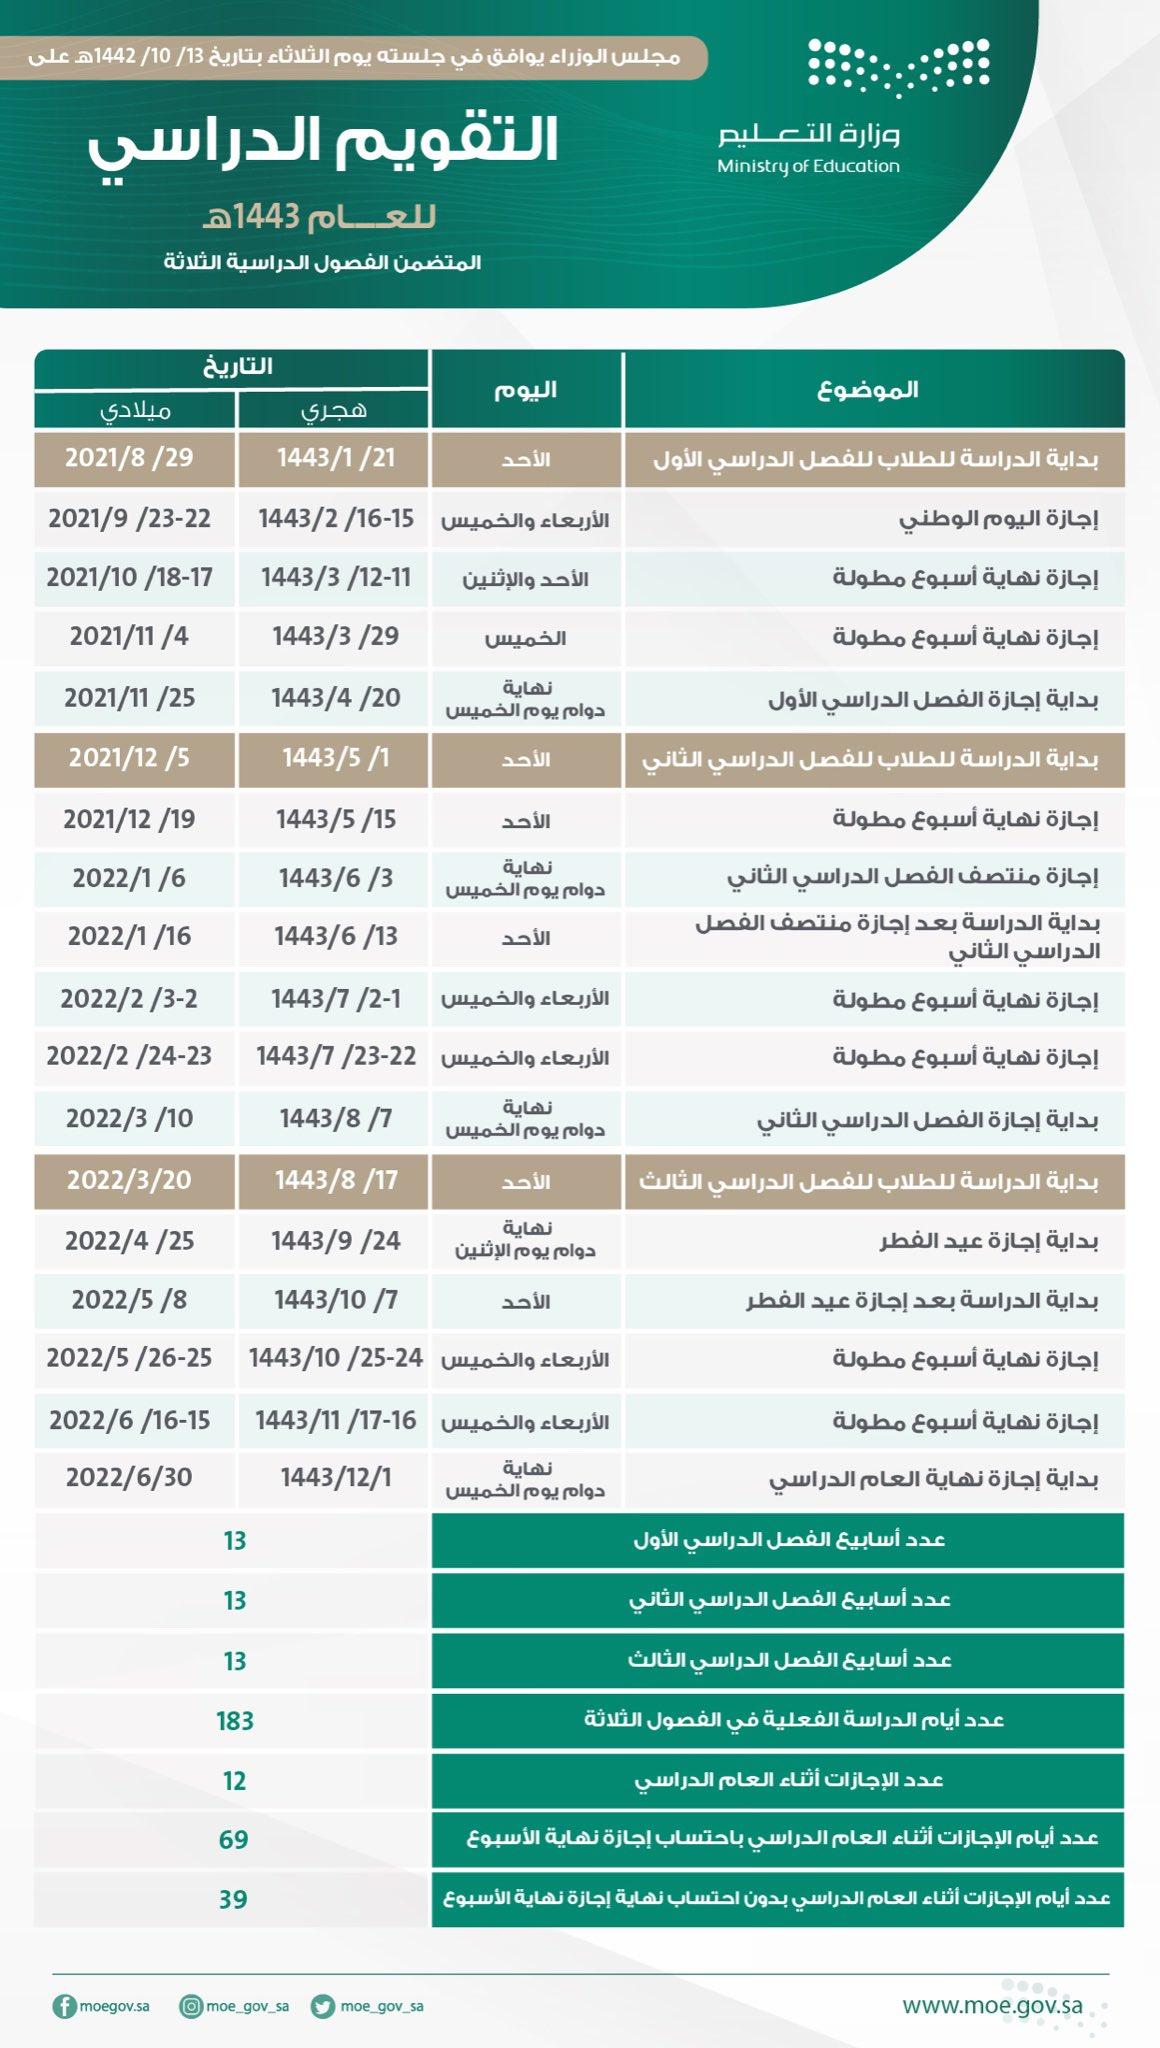 التقويم الدراسي الجديد للثلاثة فصول الدراسية بالسعودية والأجازات 1443